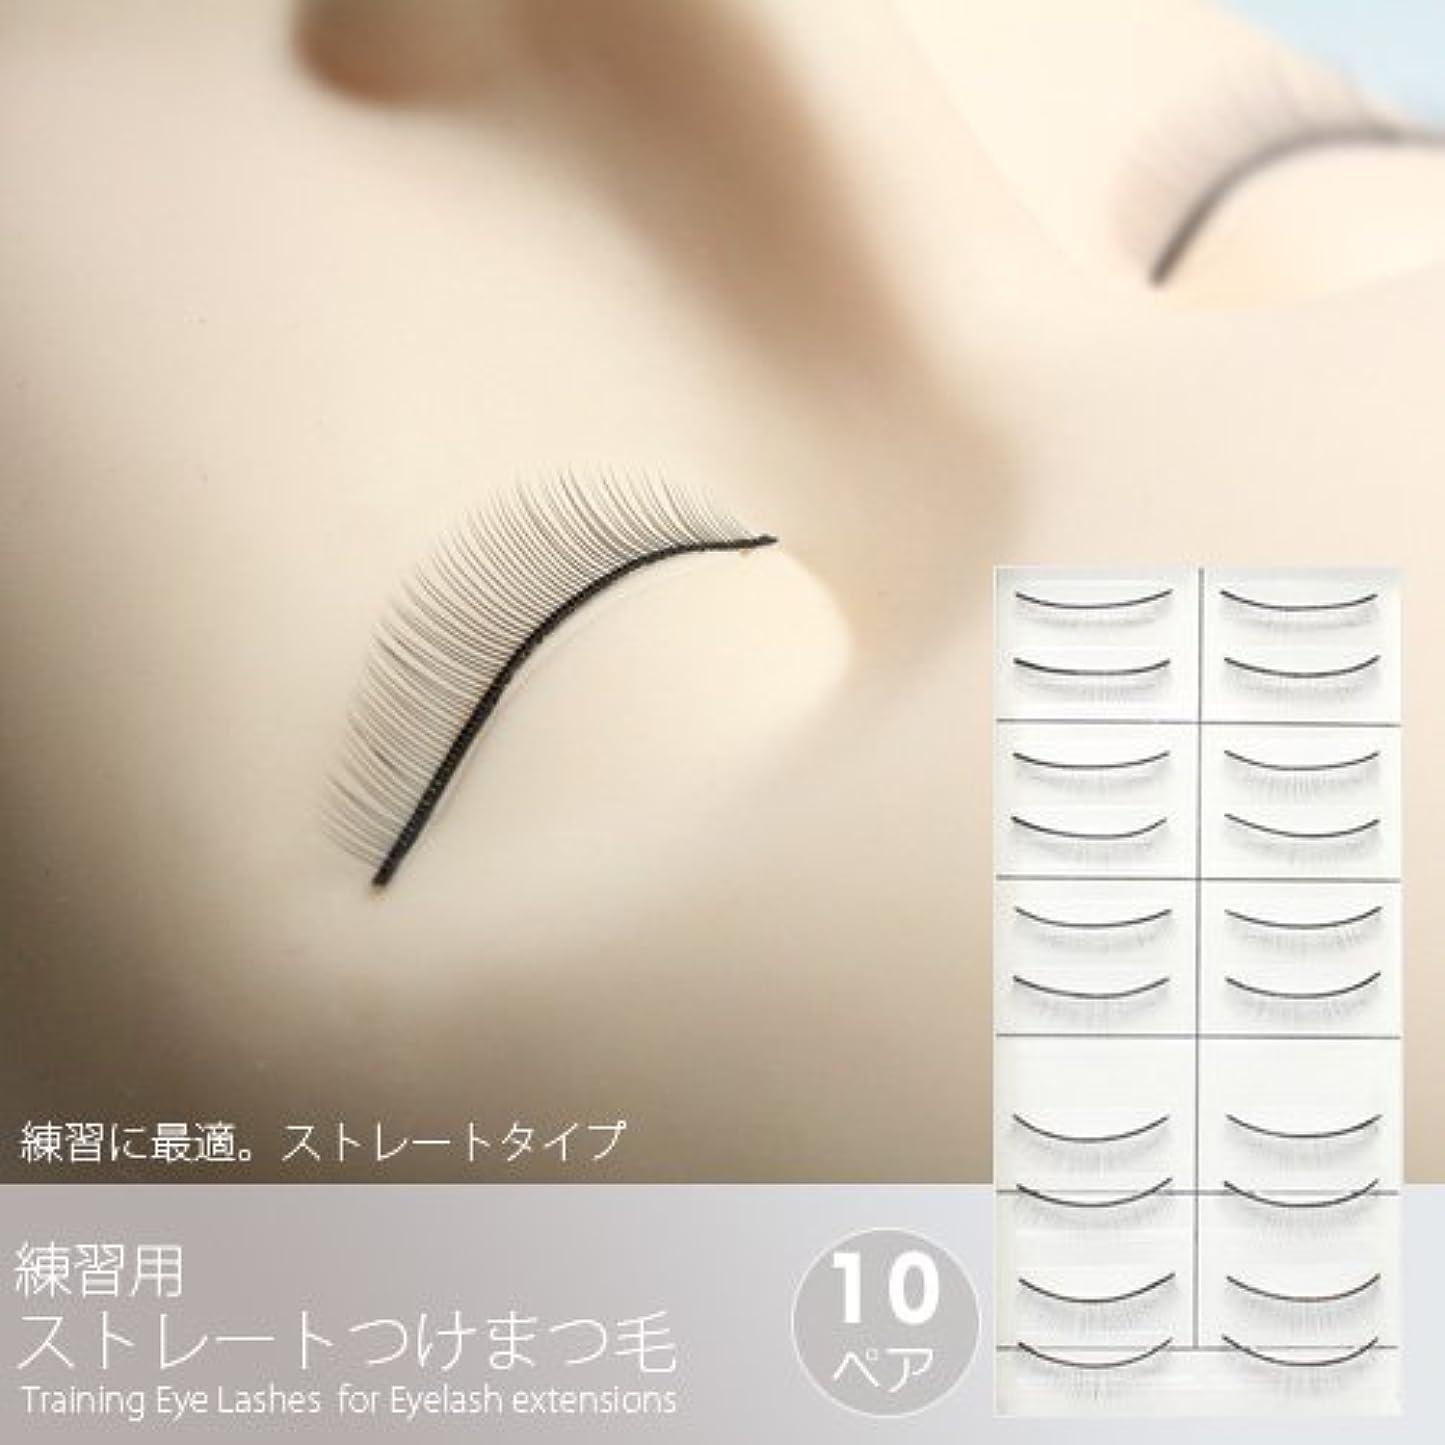 酸度衝撃付ける練習用ストレートつけまつげ(10ペア)[Training Eye Lashes ]/まつ毛エクステ商材